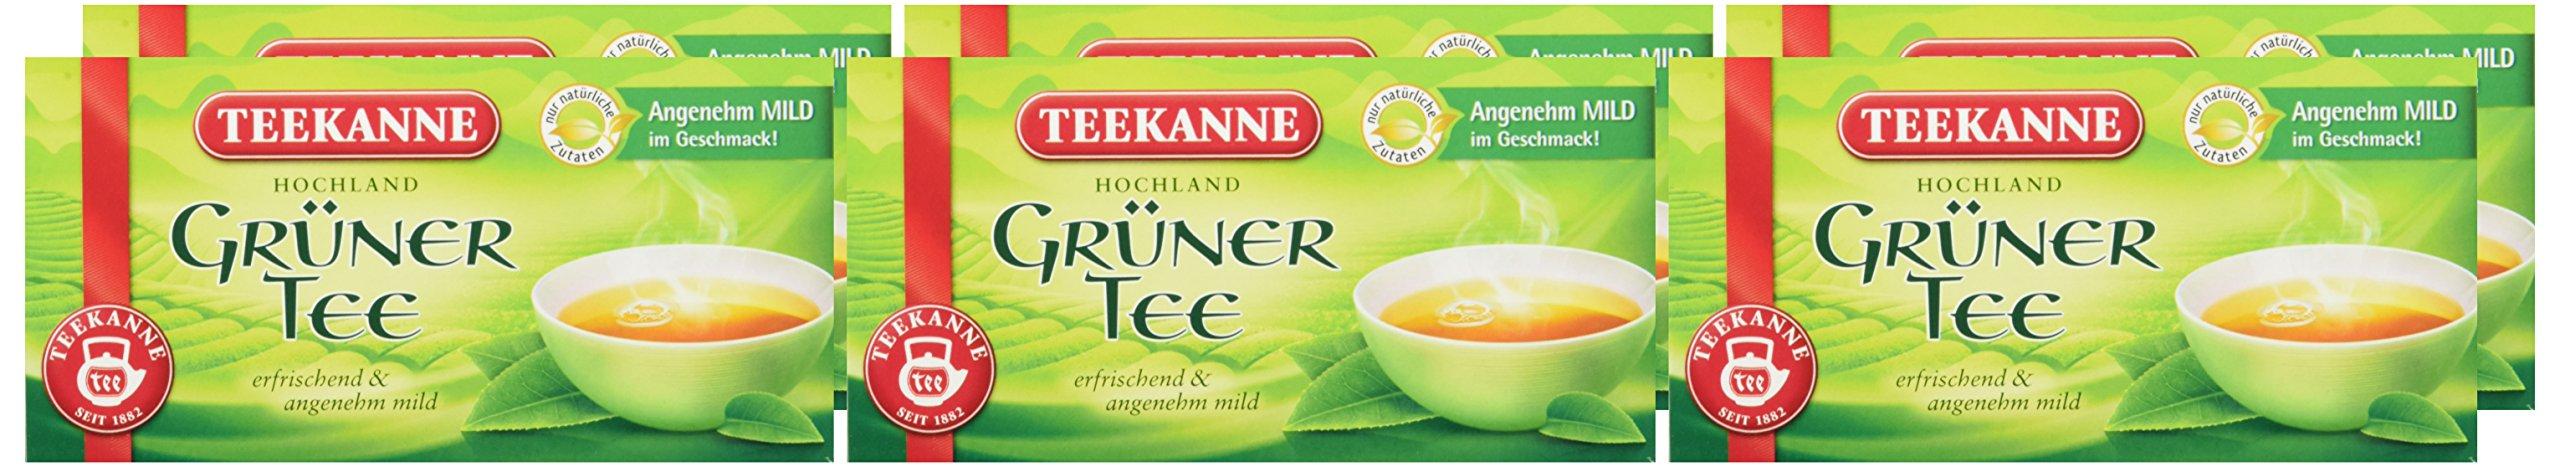 Teekanne-Grner-Tee-20-Beutel-6er-Pack-6-x-35-g-Packung